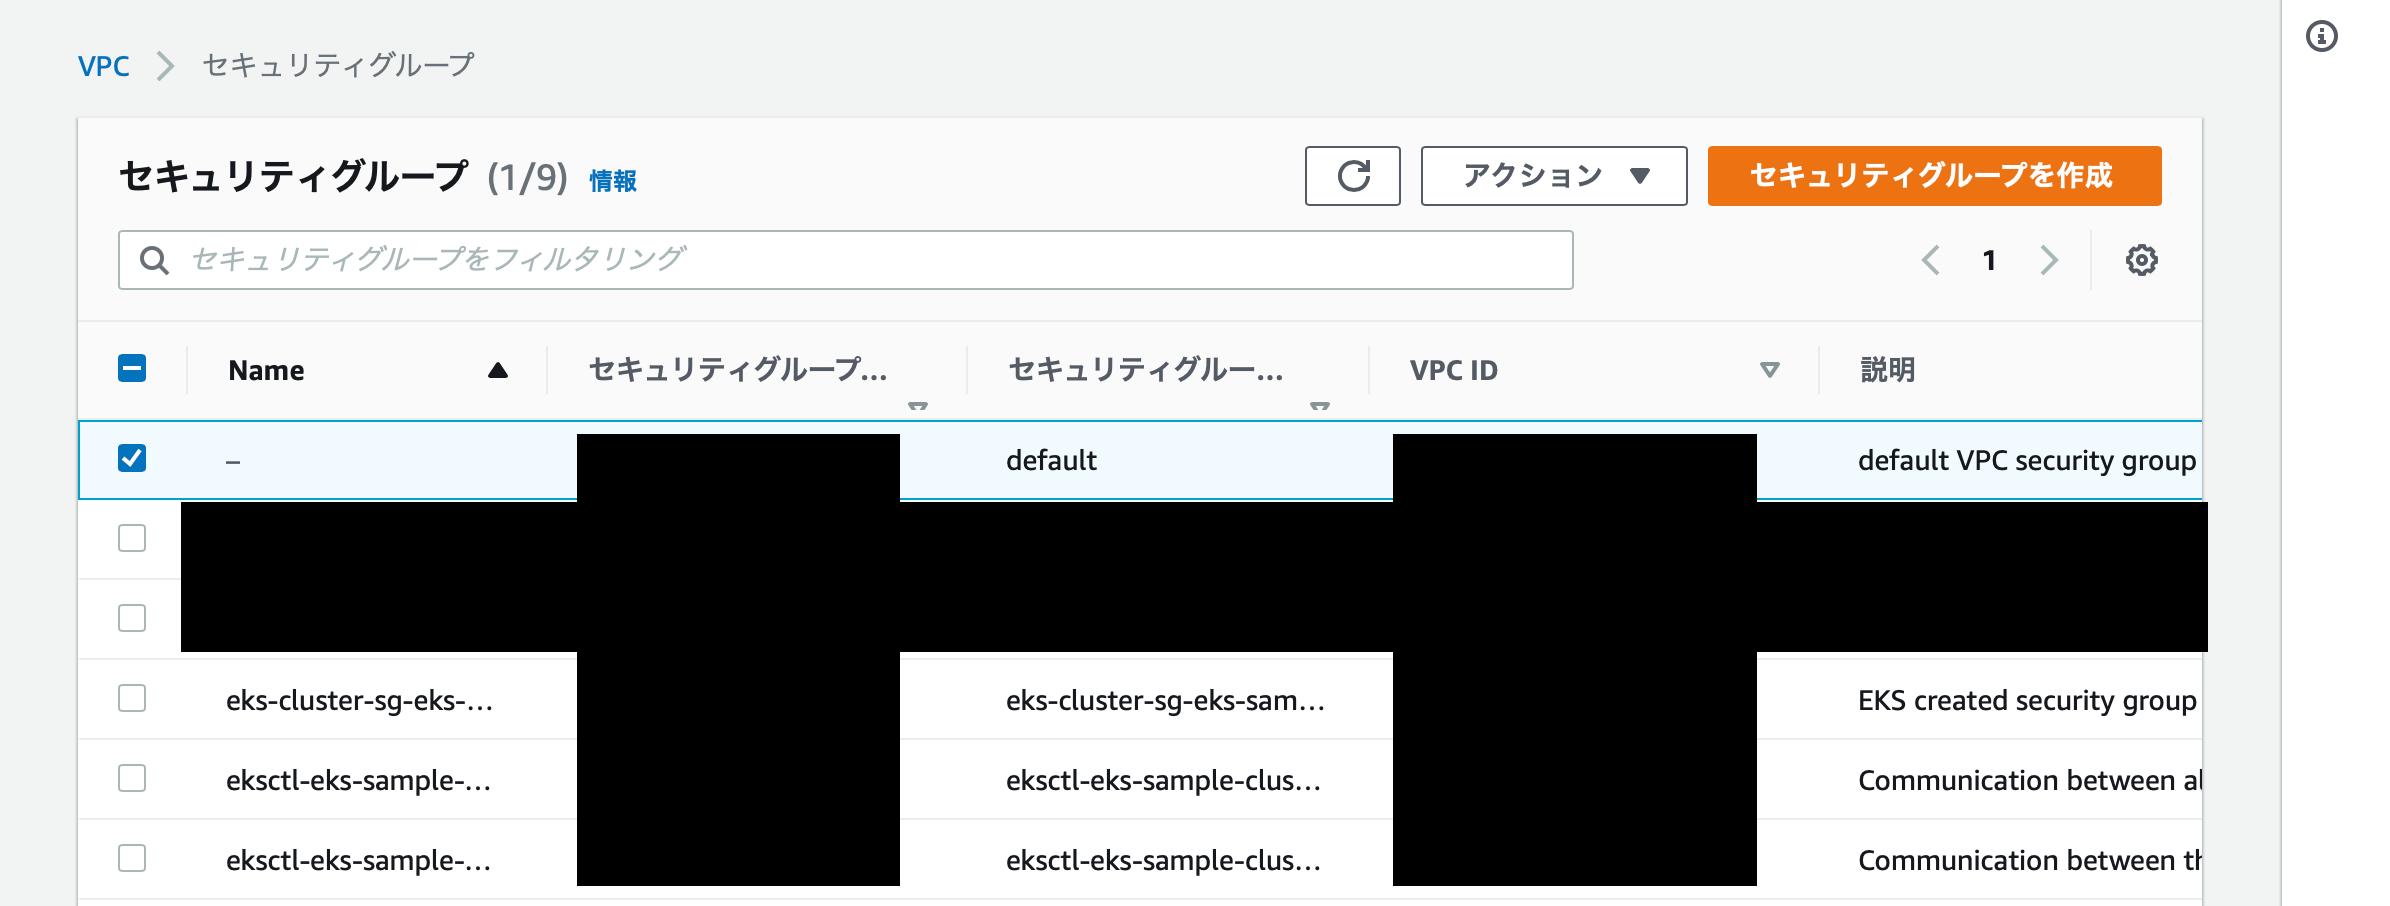 スクリーンショット 2020-07-11 0.29.13.png